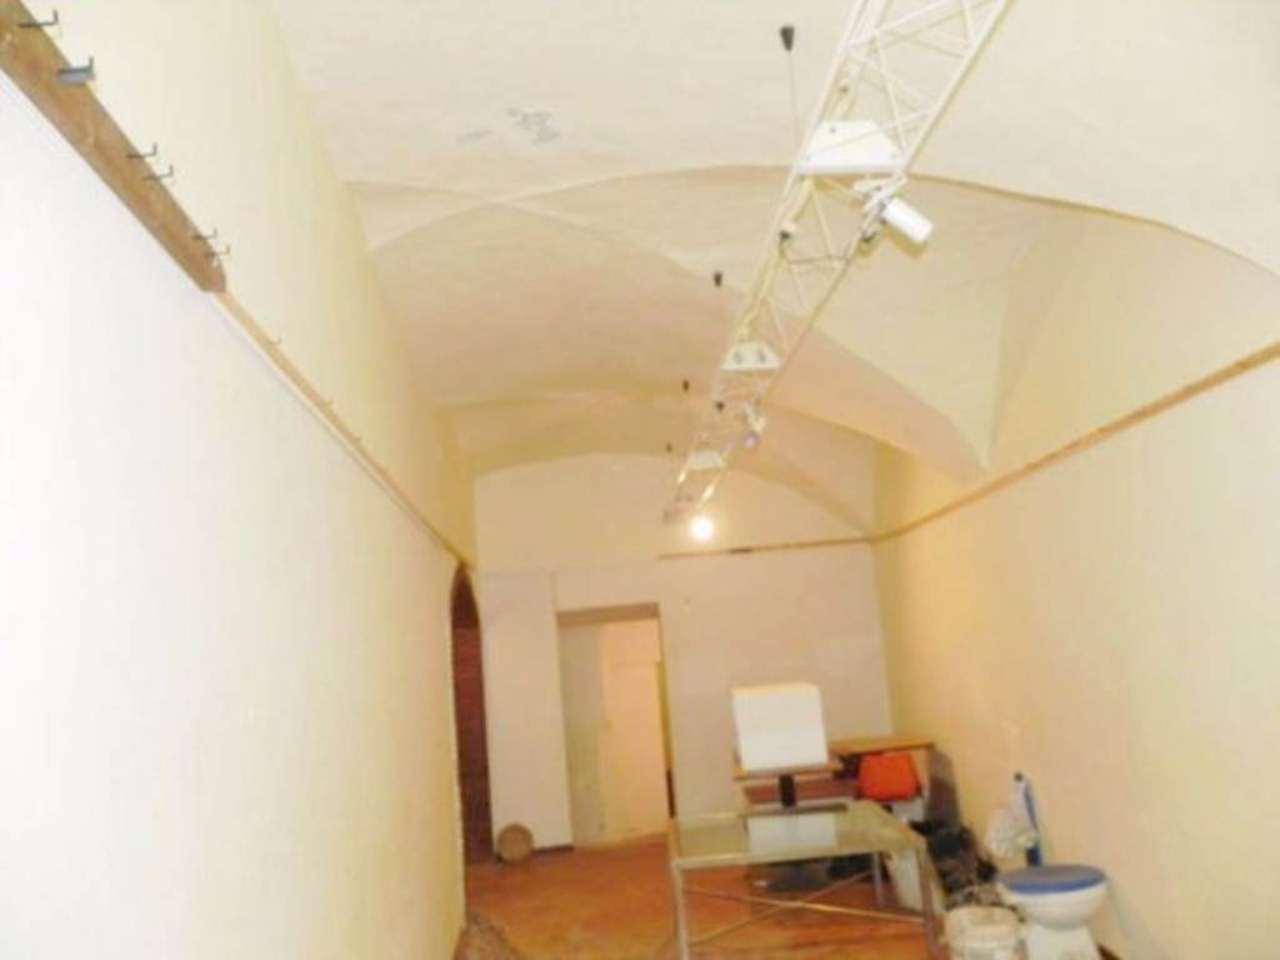 Negozio / Locale in affitto a Prato, 3 locali, prezzo € 800 | Cambio Casa.it